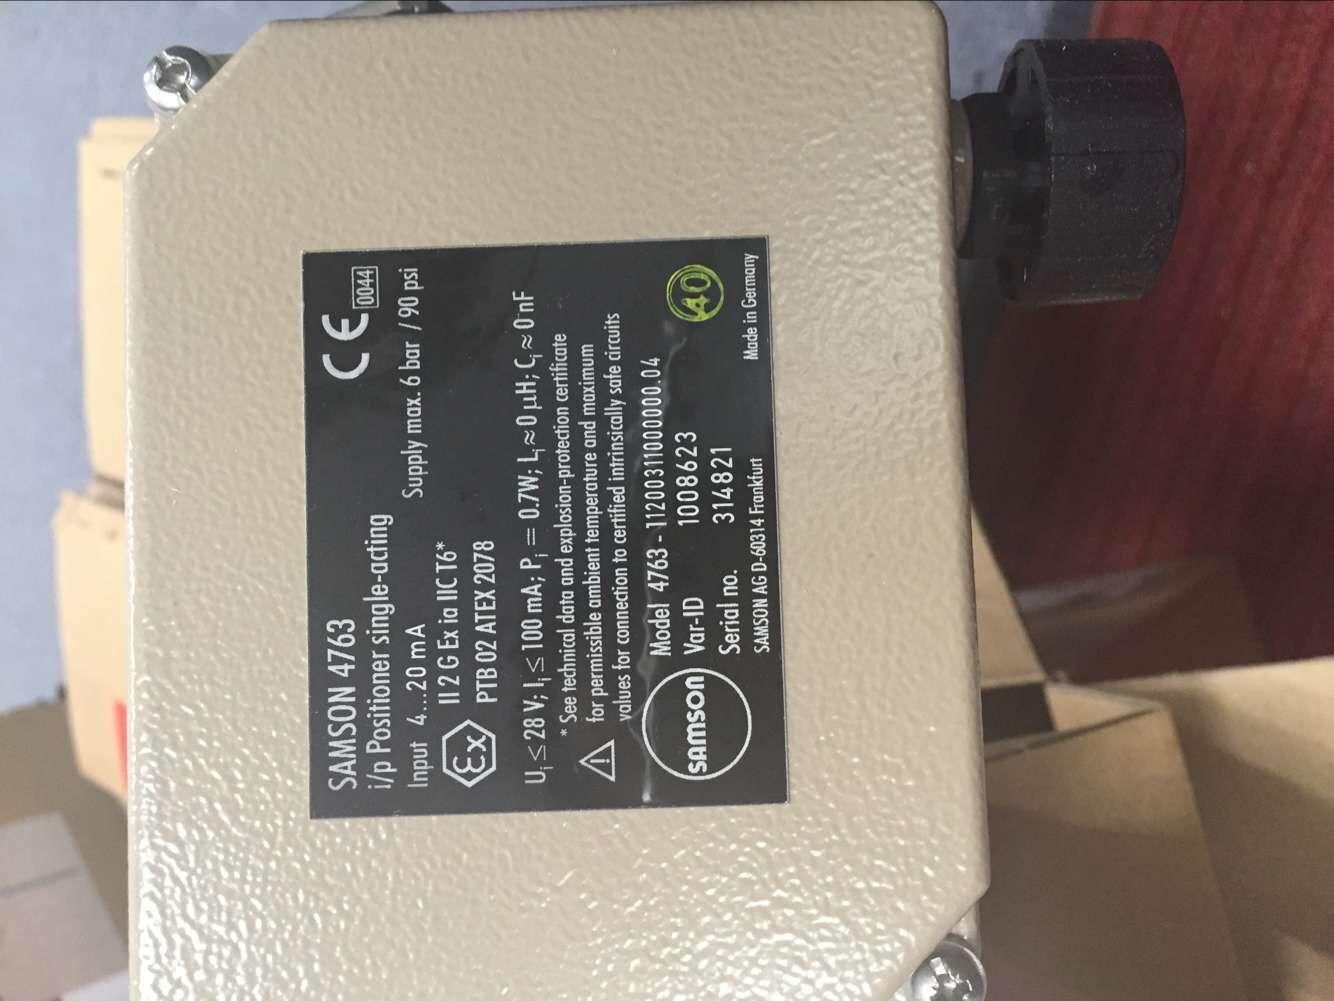 萨姆森阀门定位器作为气动控制阀的重要附件,接受控制系统或萨姆森